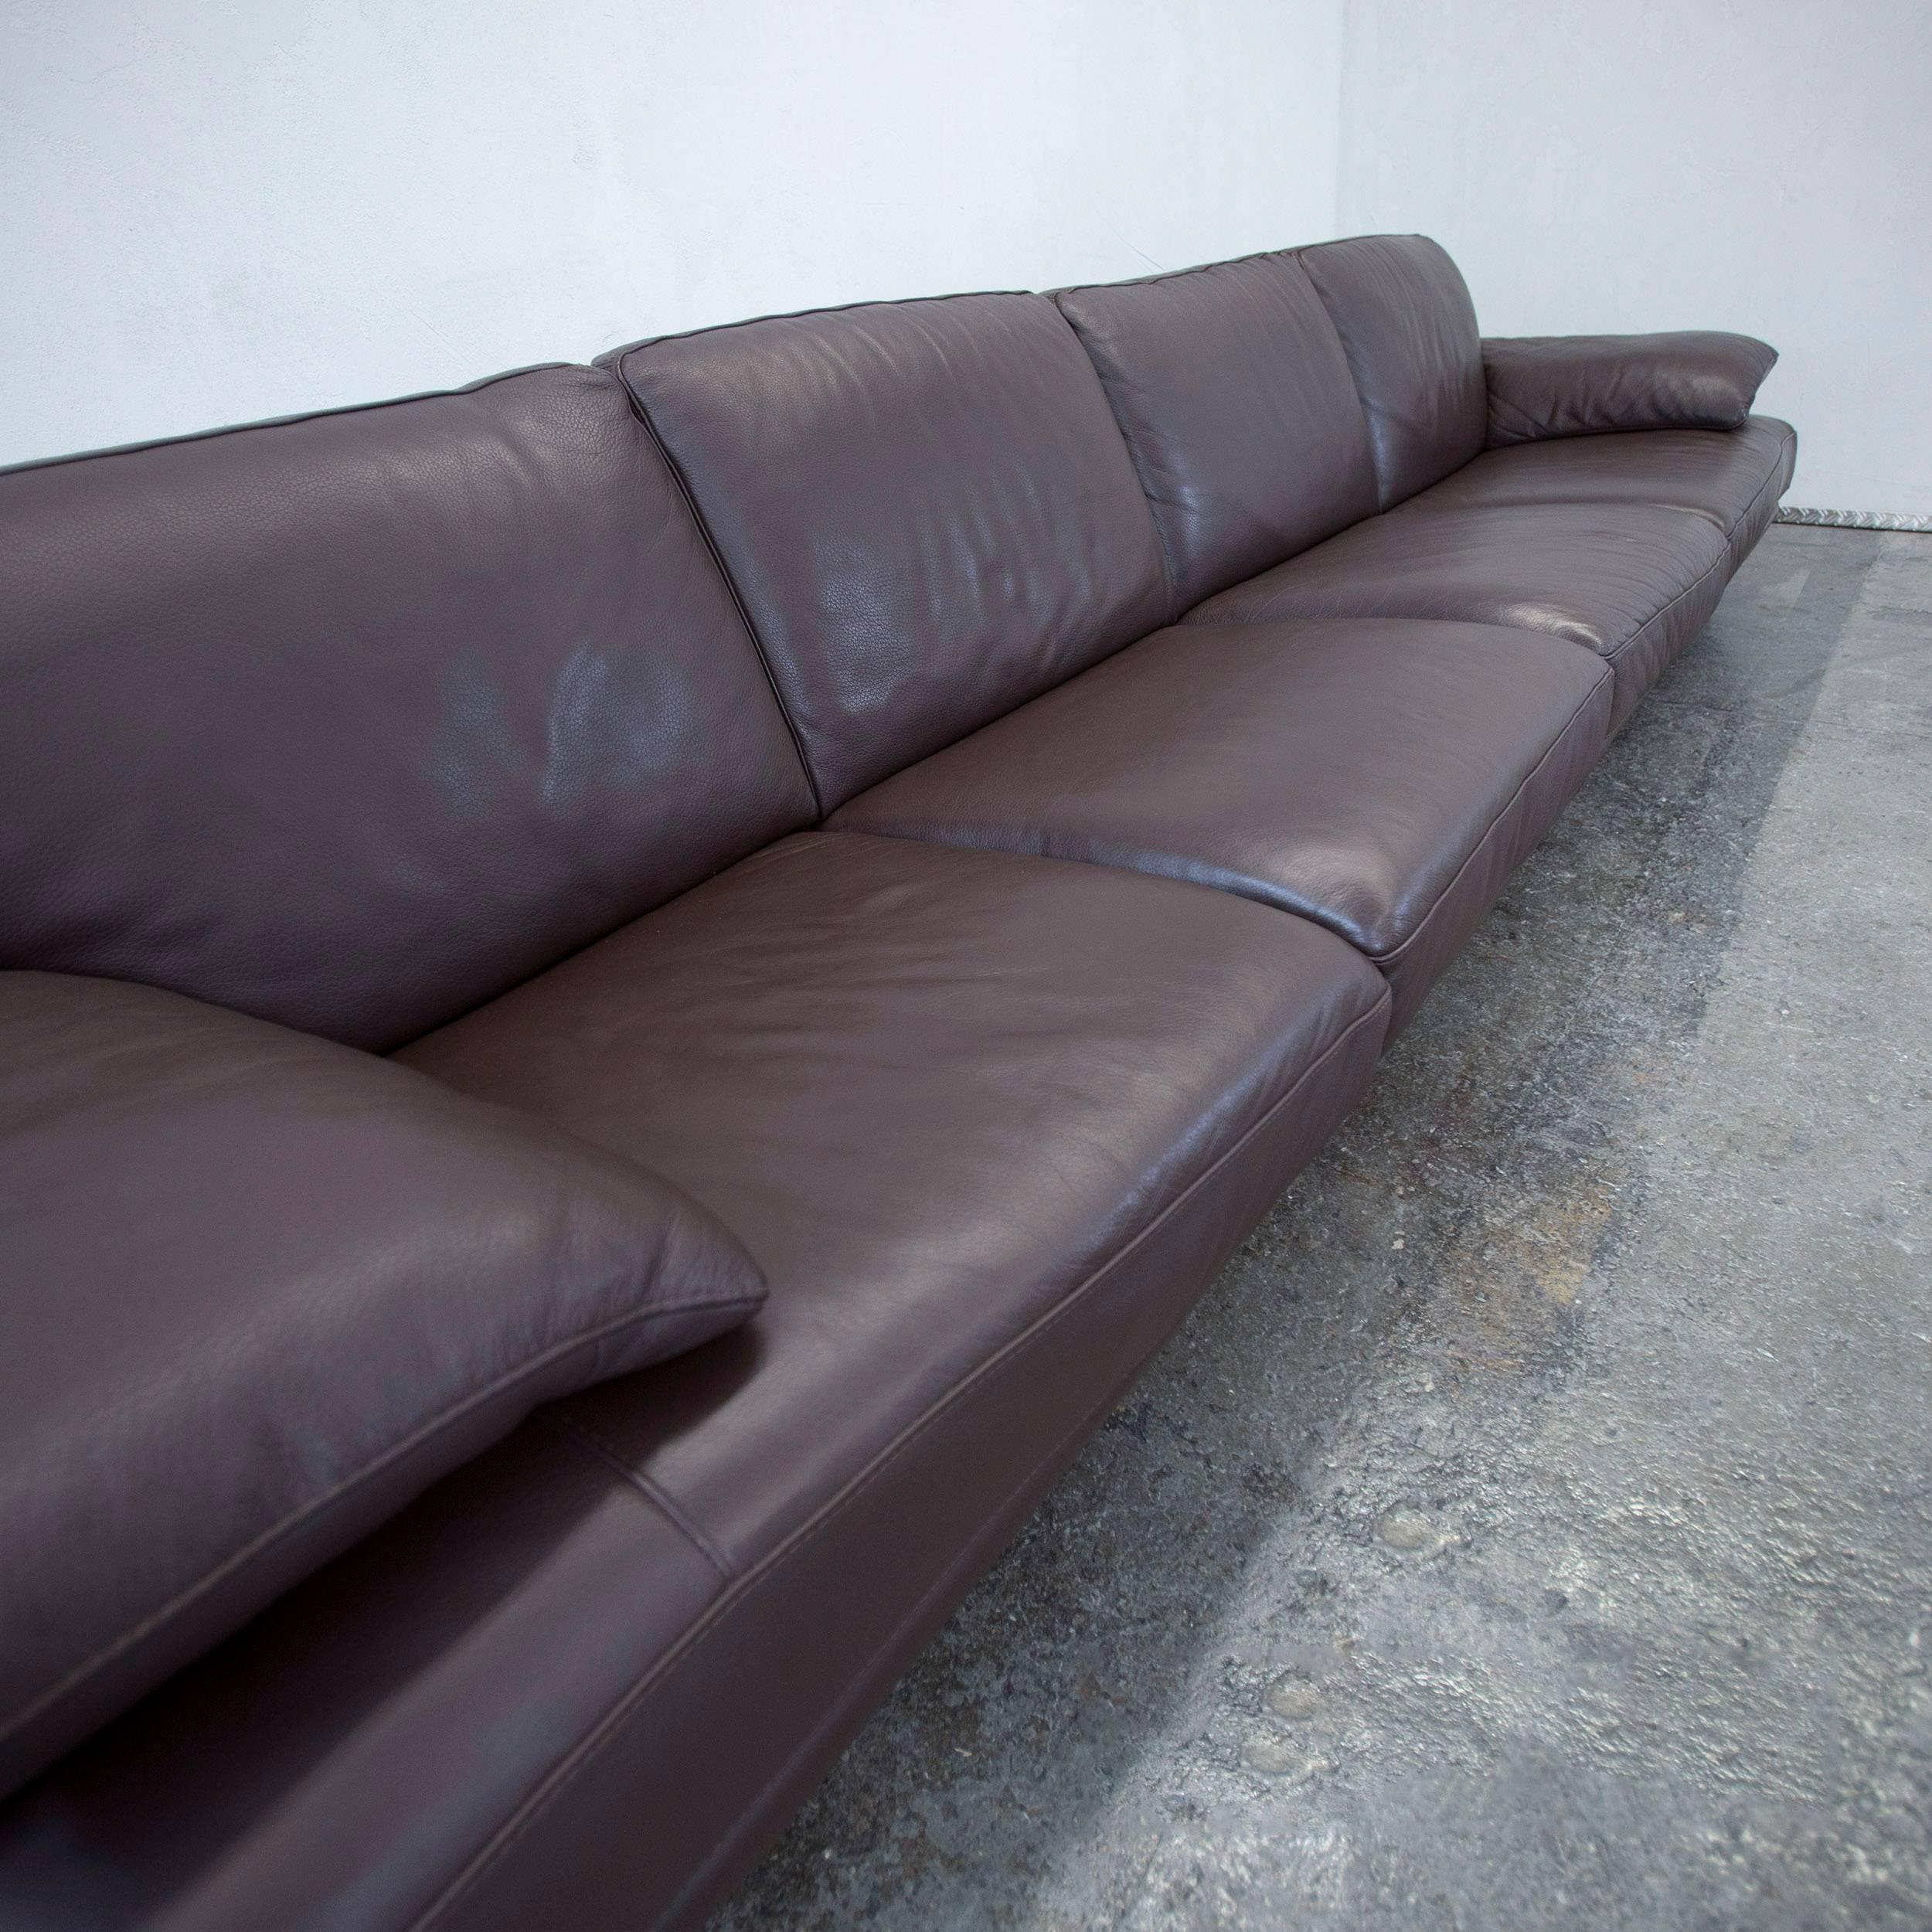 sofa braun leder elegant gallery of willi schillig loop eck sofa braun leder with braun leder. Black Bedroom Furniture Sets. Home Design Ideas